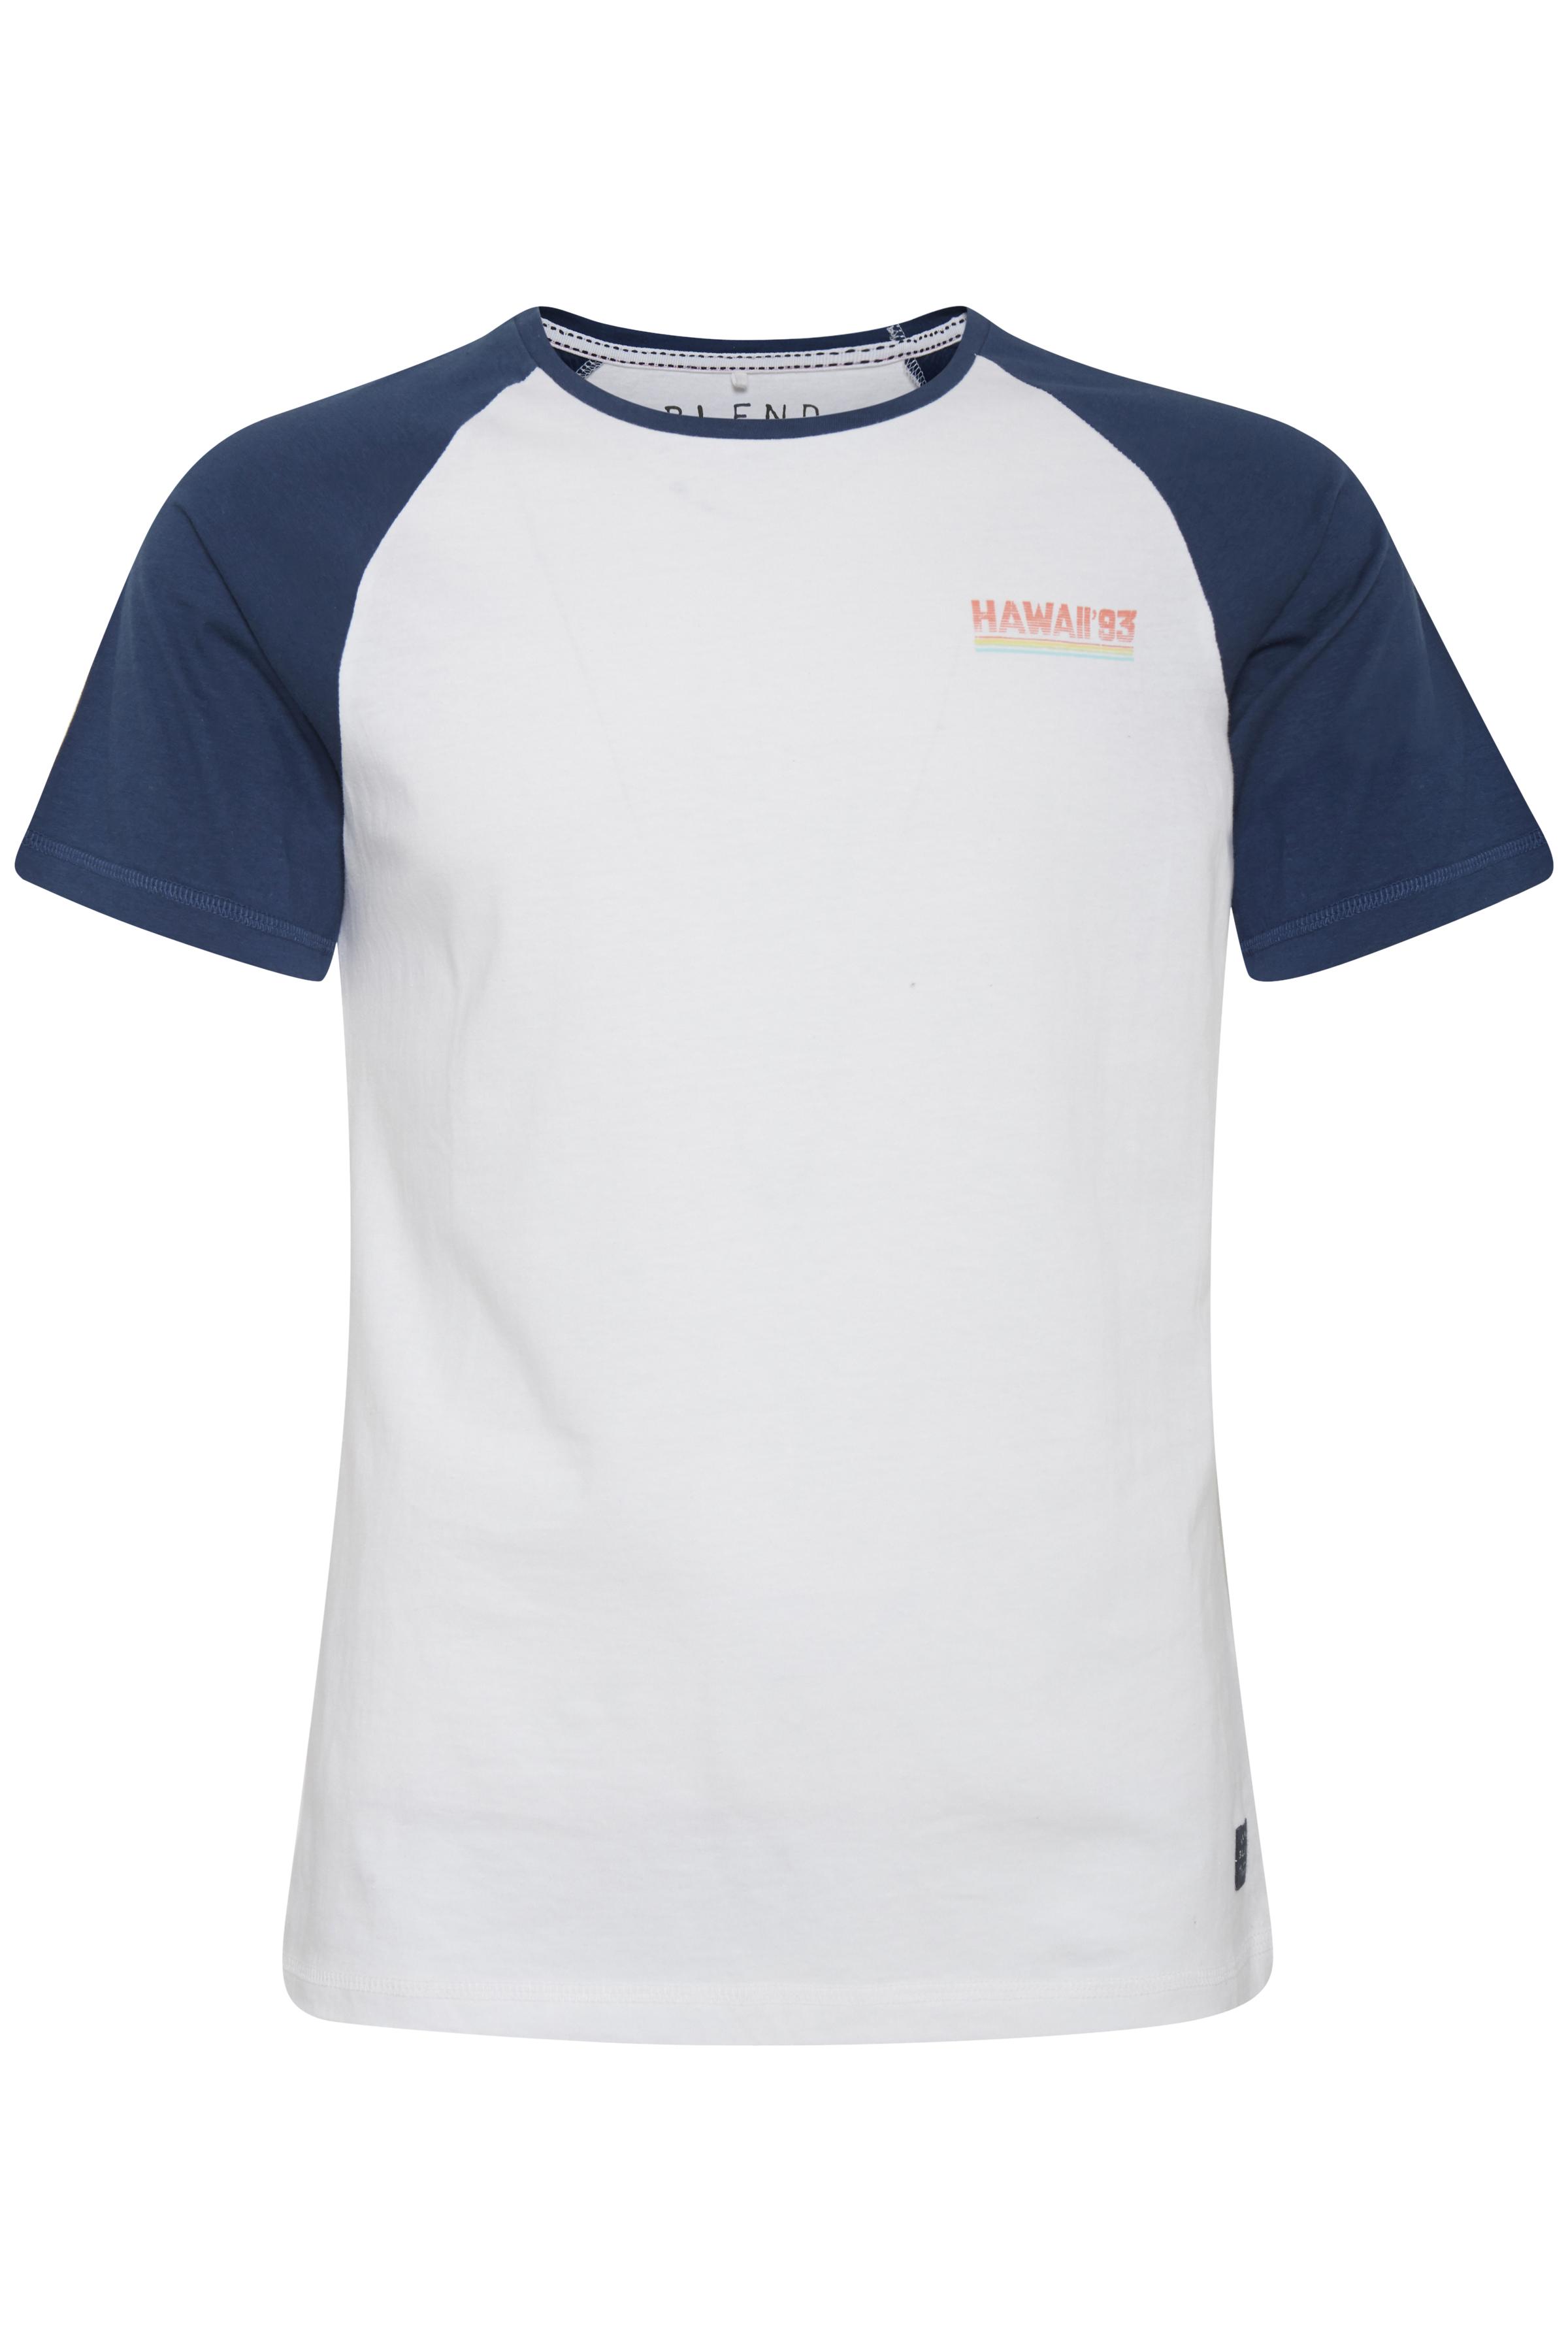 Image of Blend He Herre Kortærmet T-shirt - White